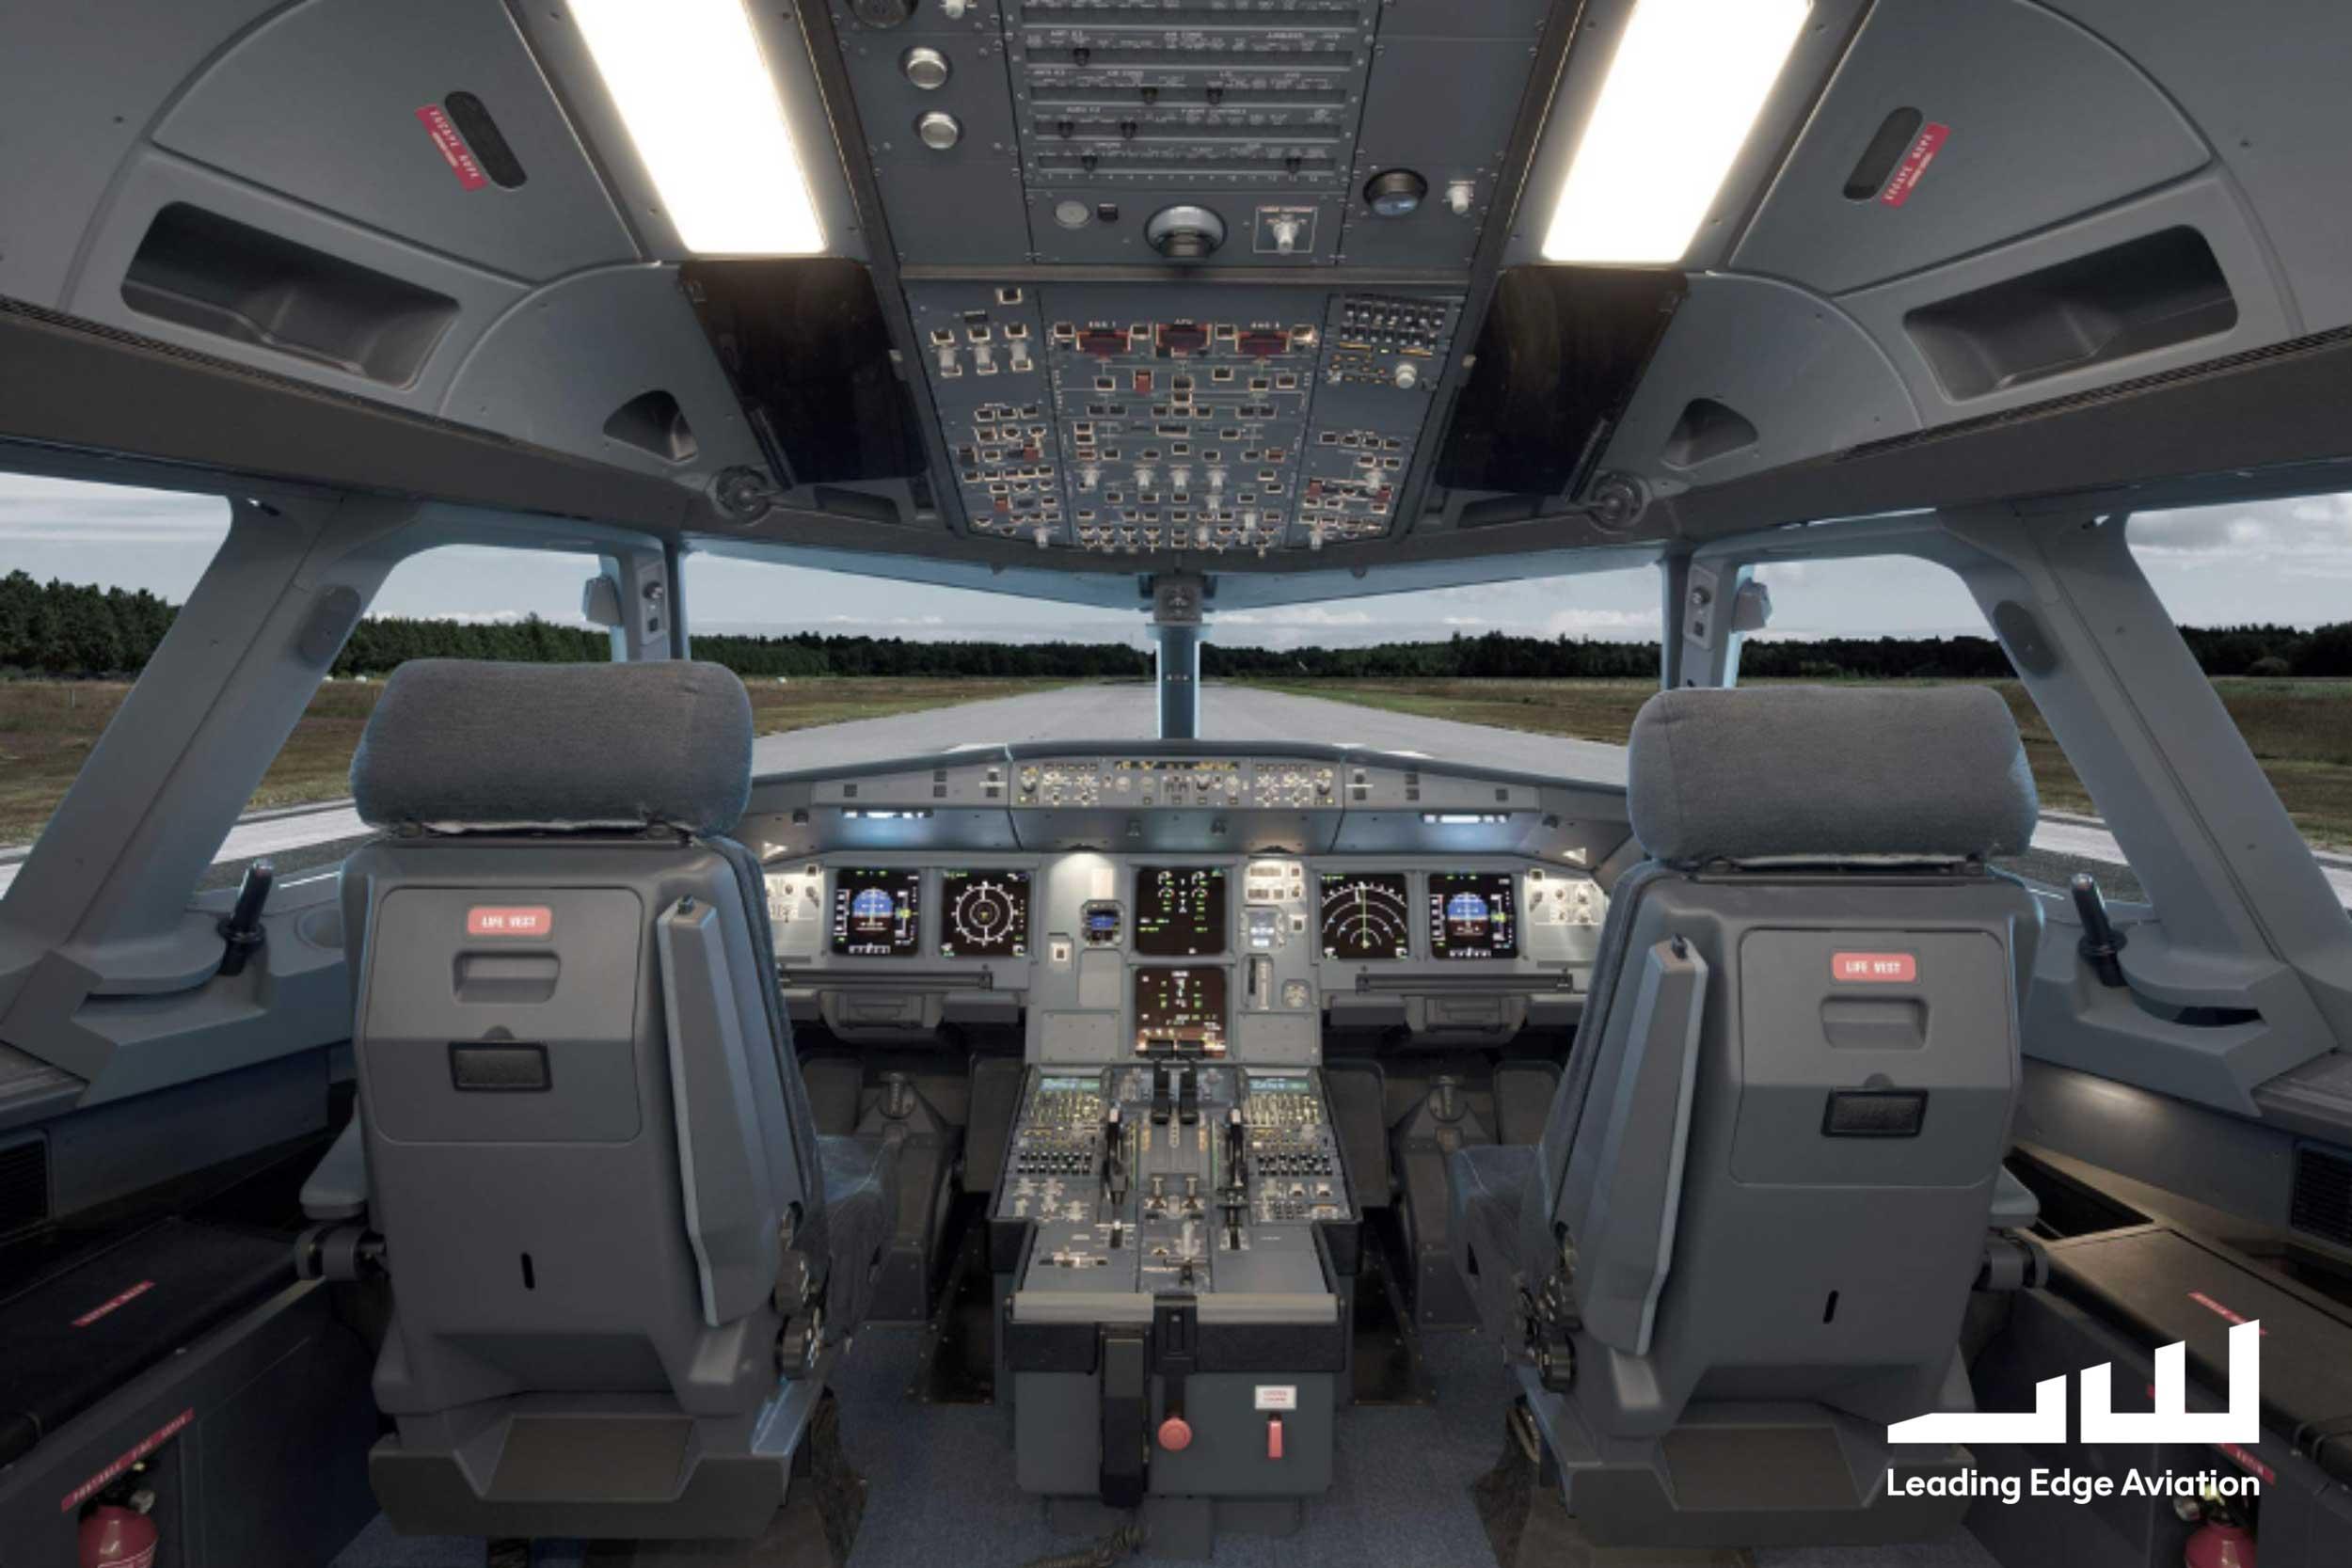 Leading Edge A320 sim